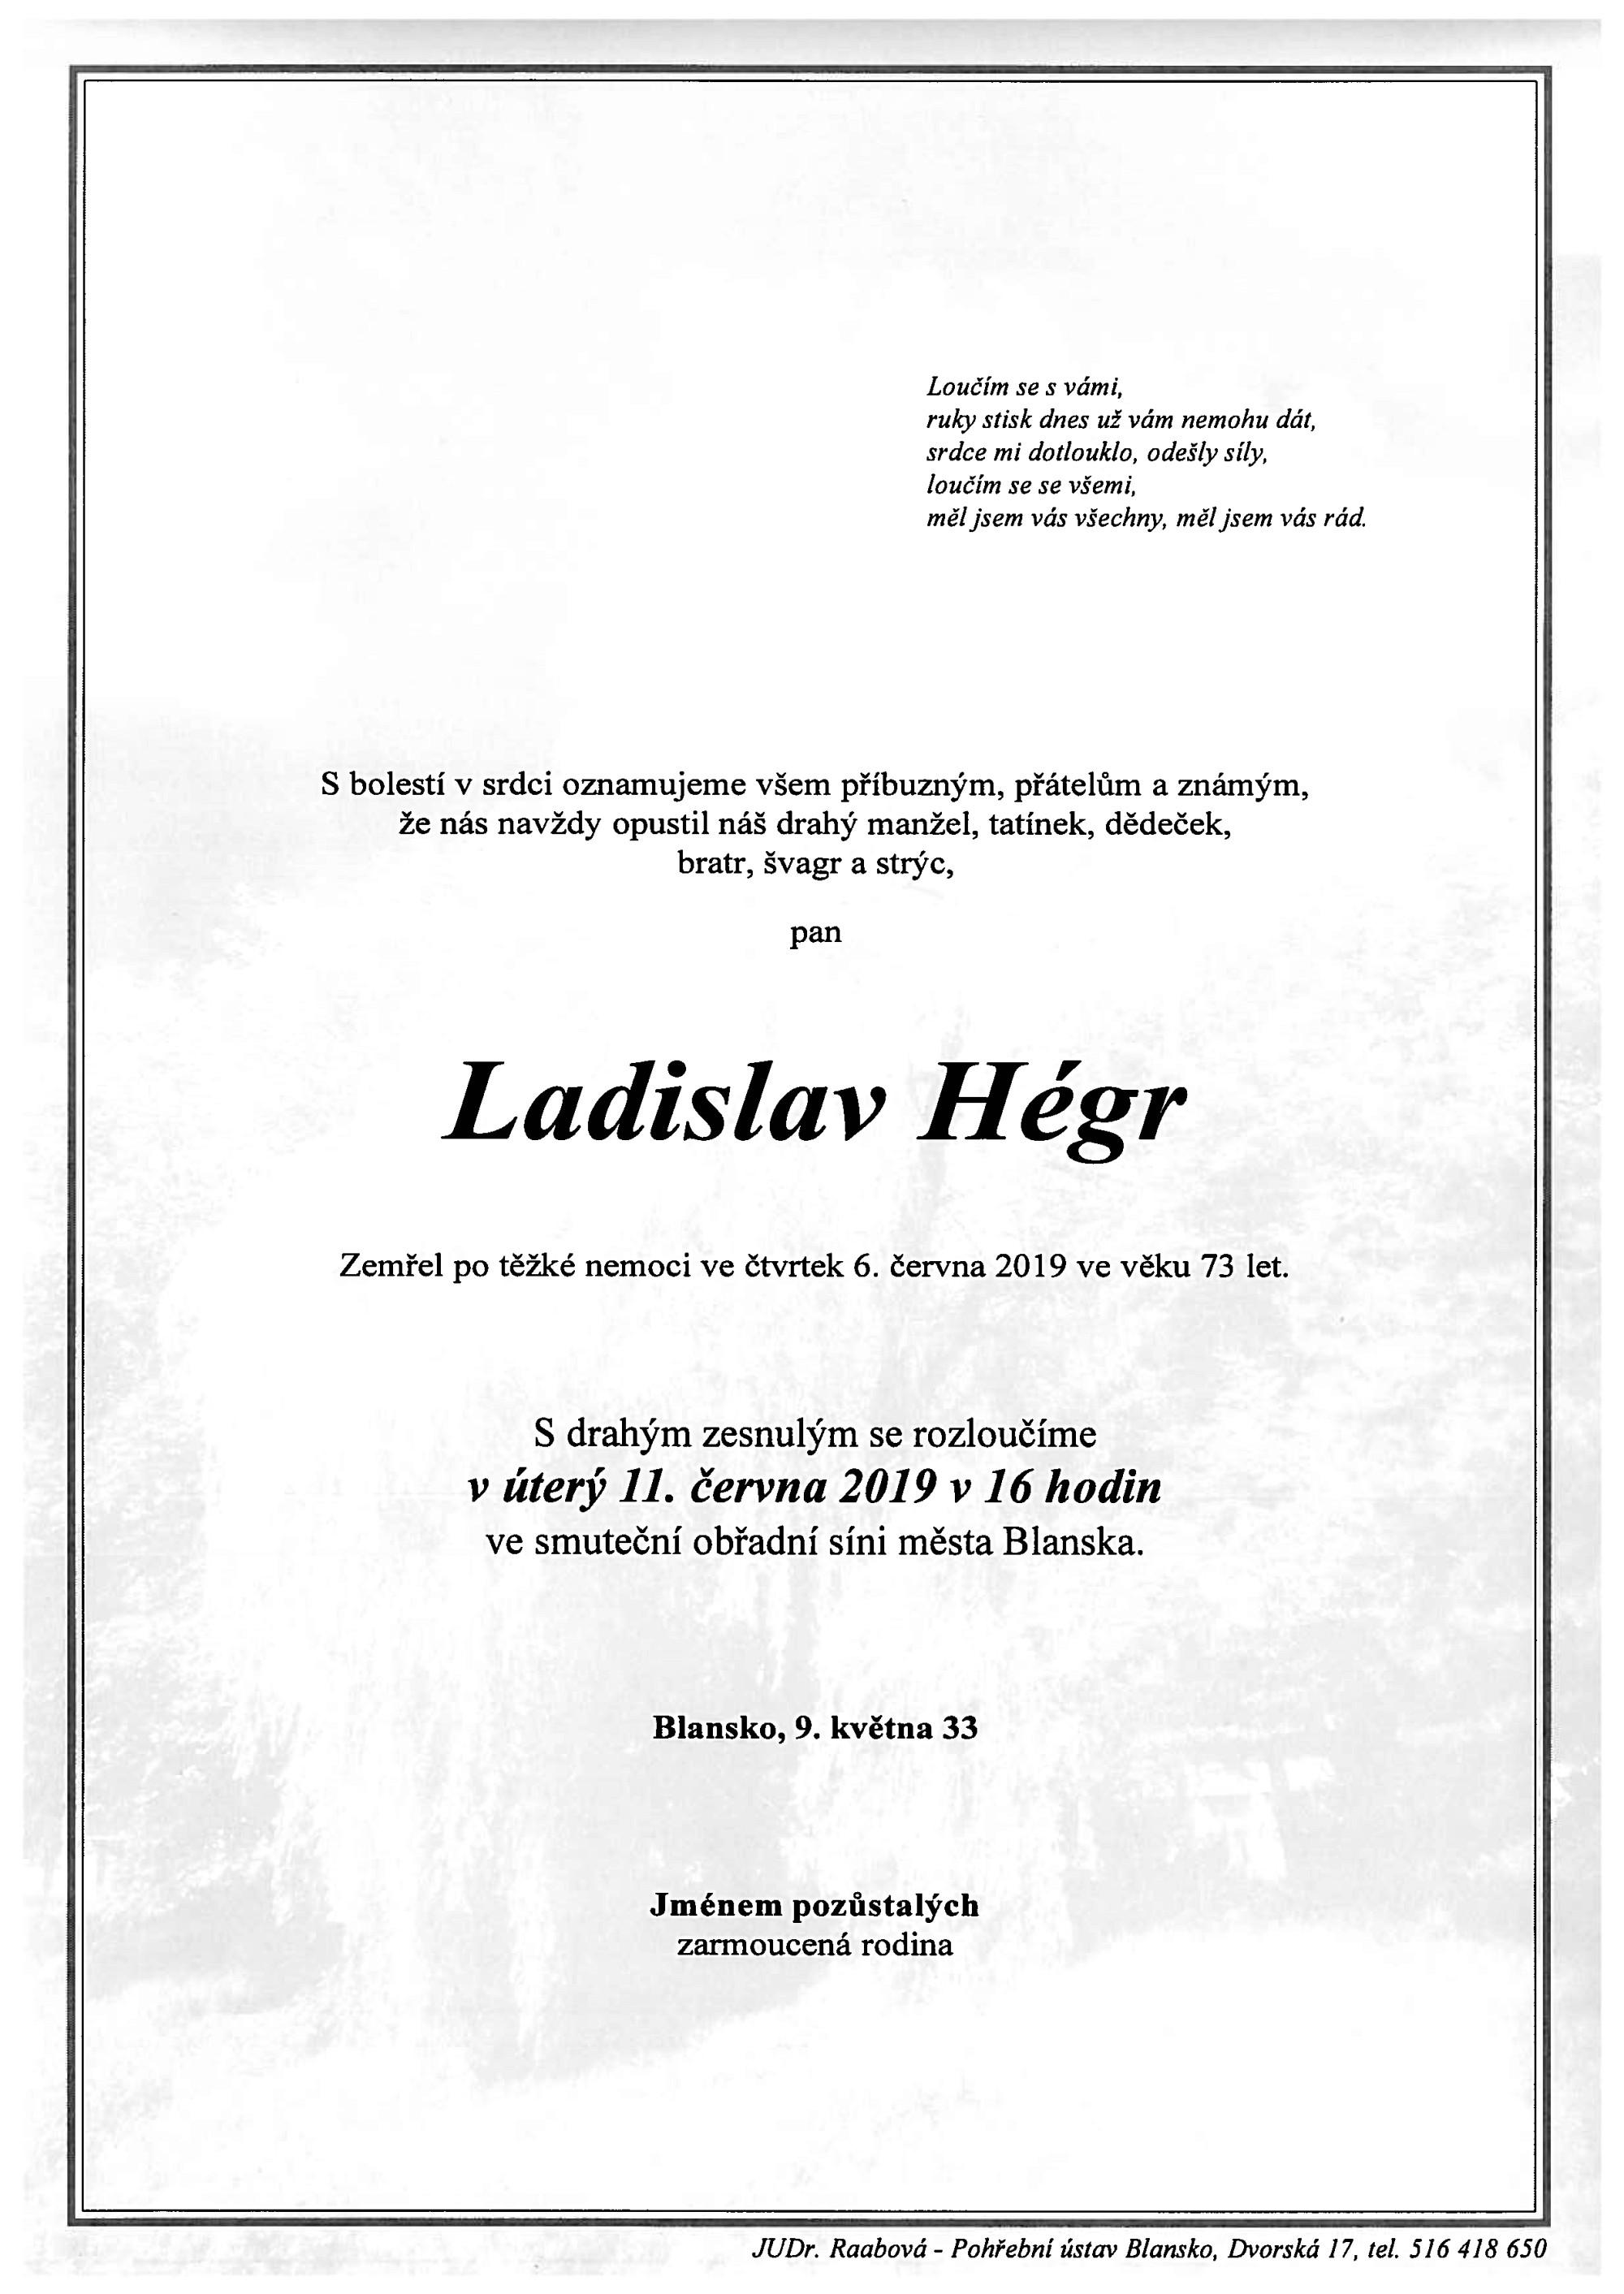 Ladislav Hégr